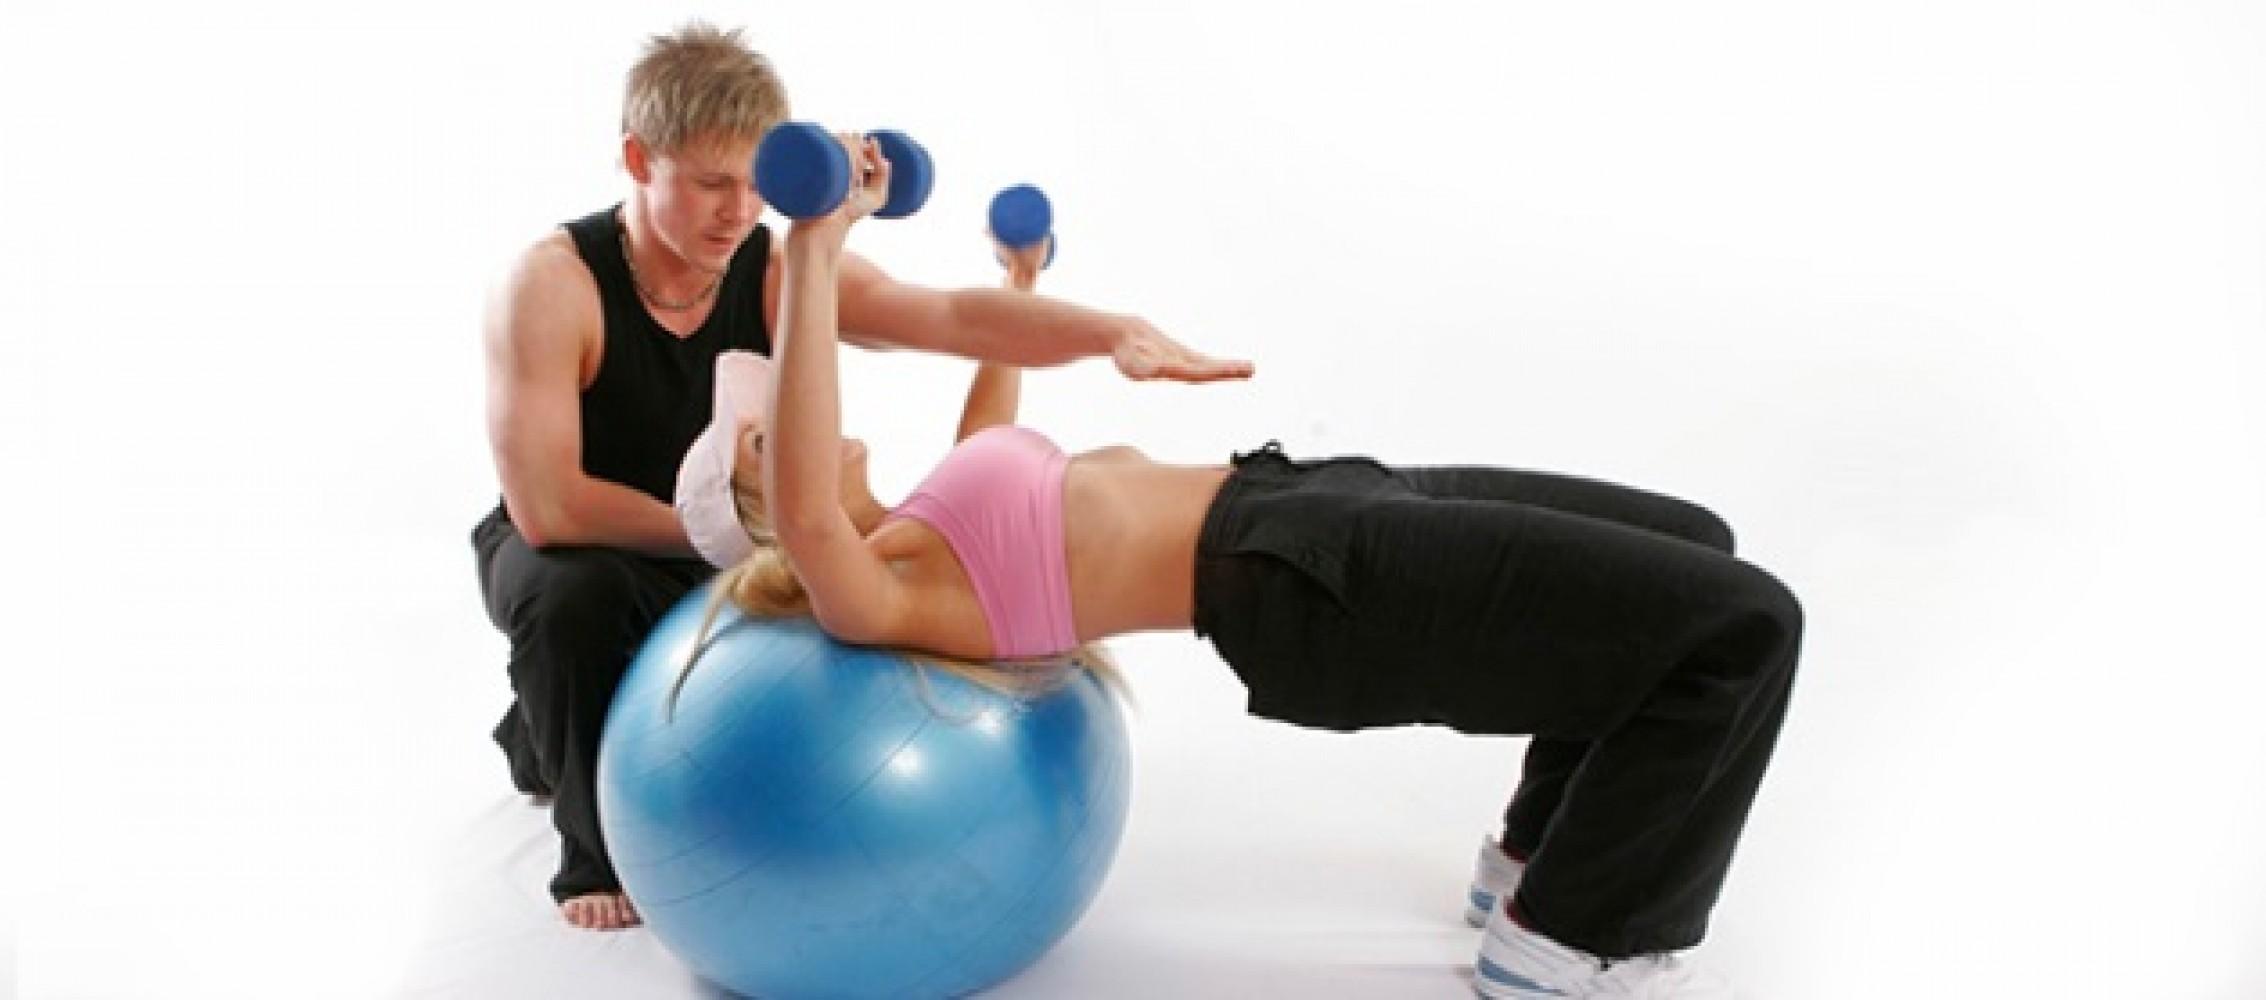 Сколько стоит персональная тренировка по фитнесу 16 фотография